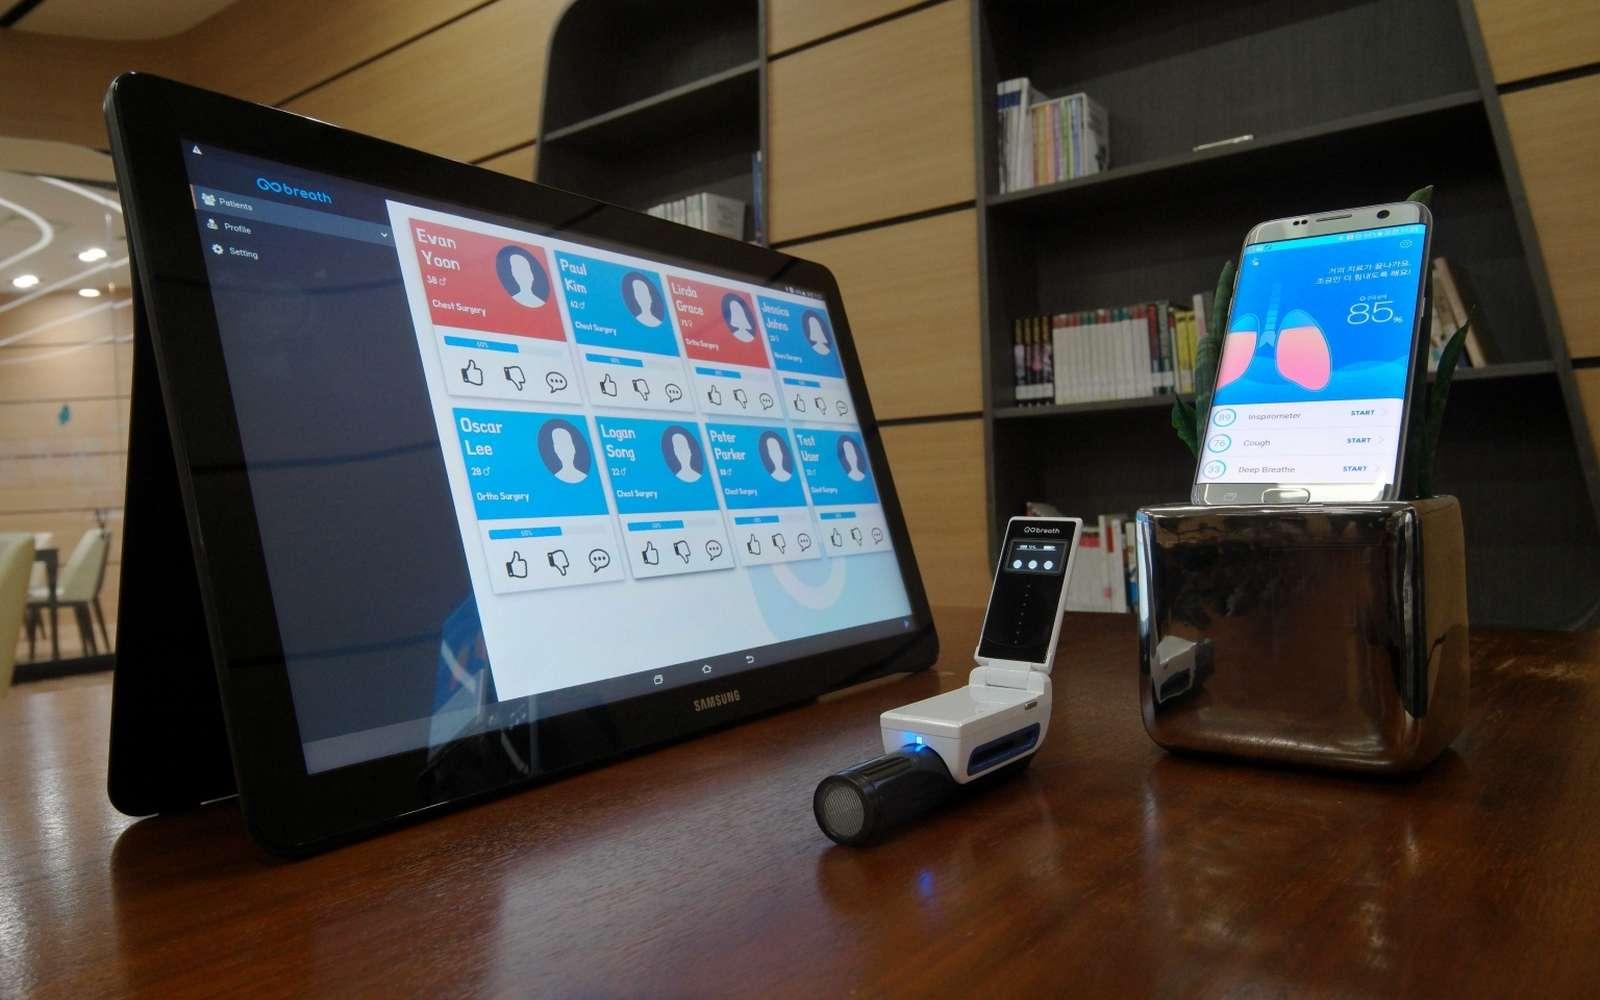 Si Samsung profite traditionnellement du CES pour dévoiler ses nouveautés en matière de télévision et d'équipements électroniques pour la maison, le constructeur a choisi de présenter trois prototypes qui préfigurent sans doute de futurs produits. © Samsung